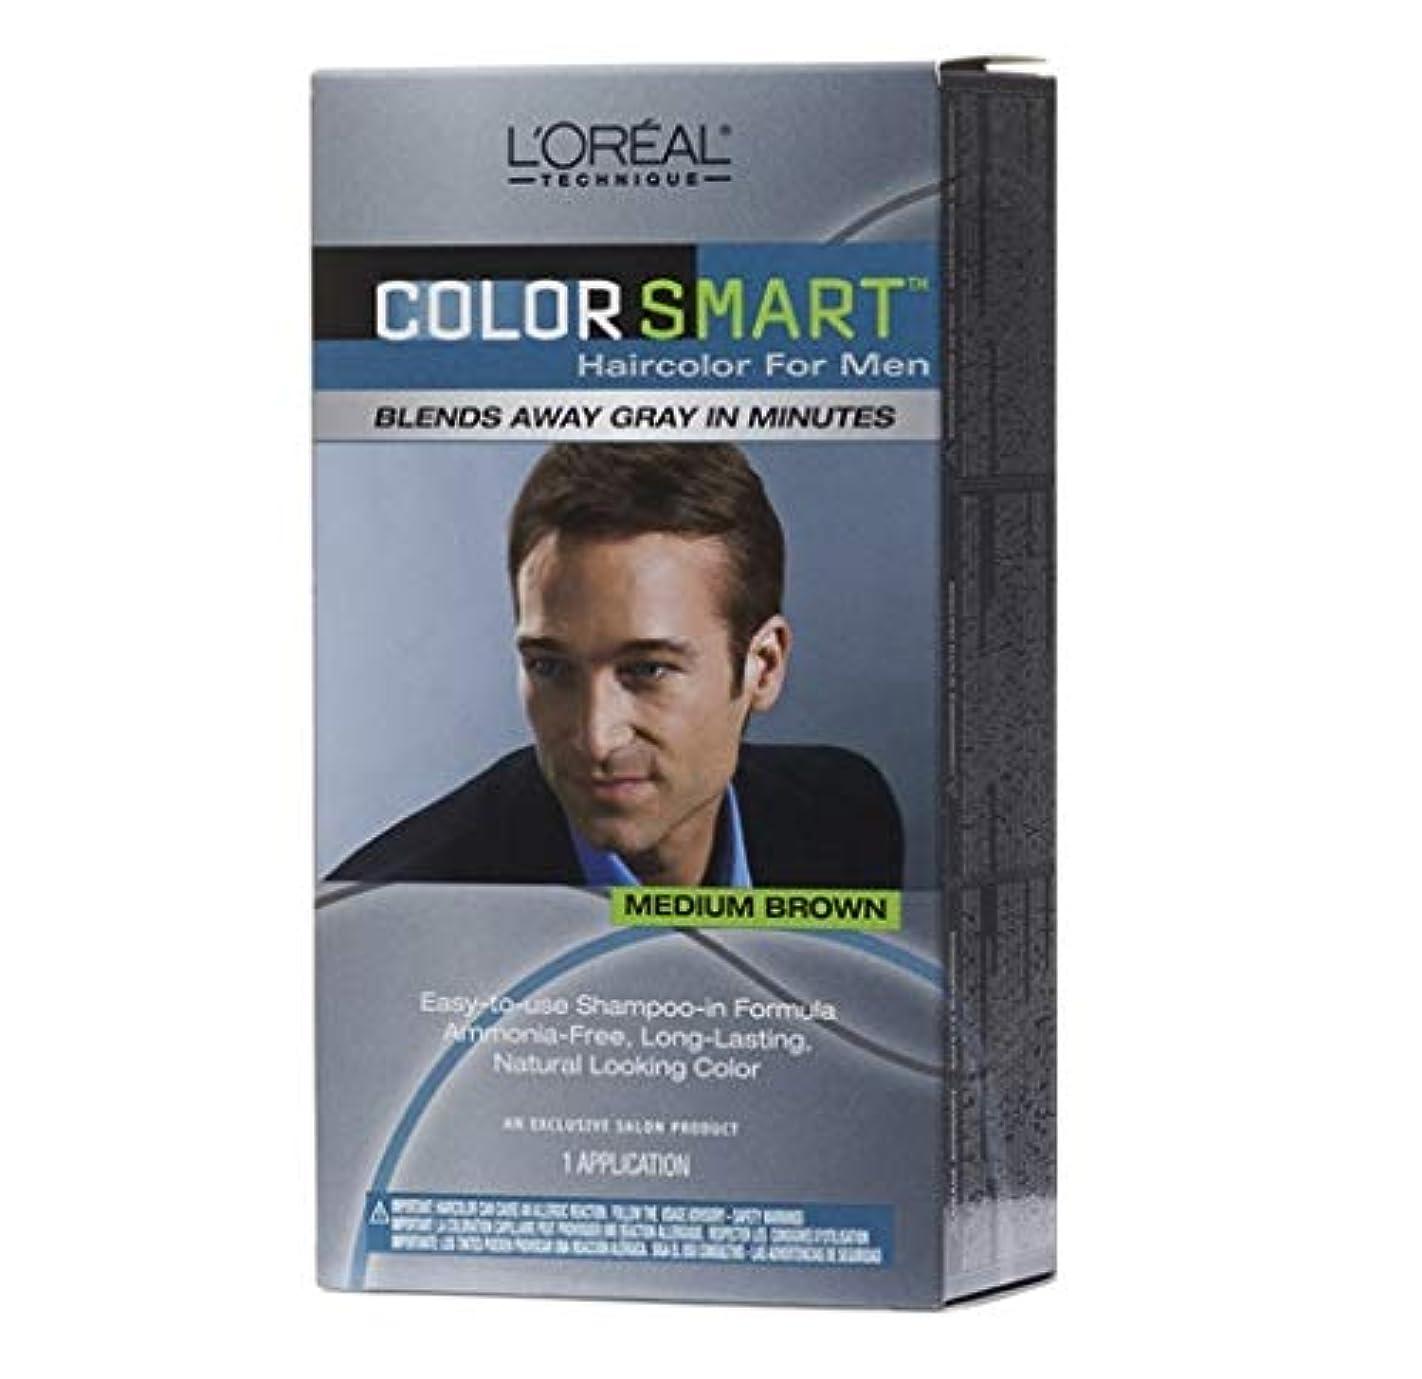 警官ランタン顕著L'Oreal Technique - Color Smart for Men - Medium Brown KIT